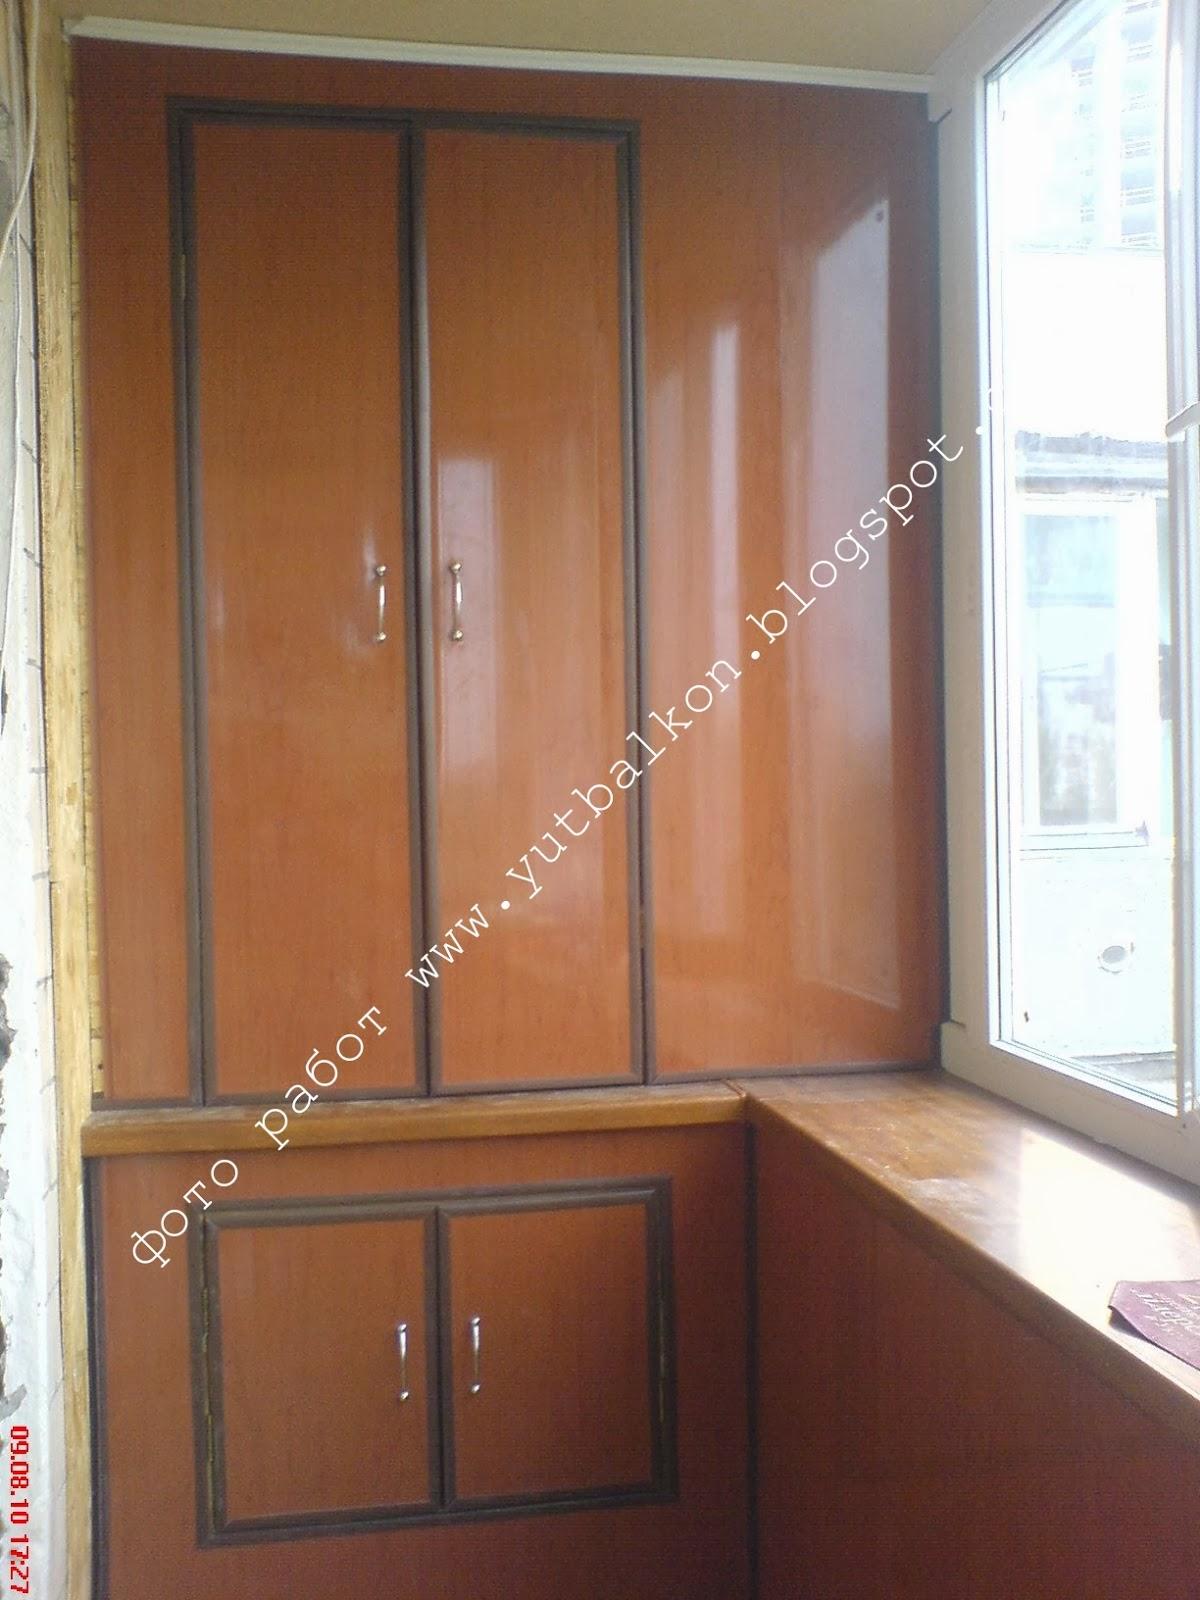 Балконы под ключ., фото 2 киев slanet.